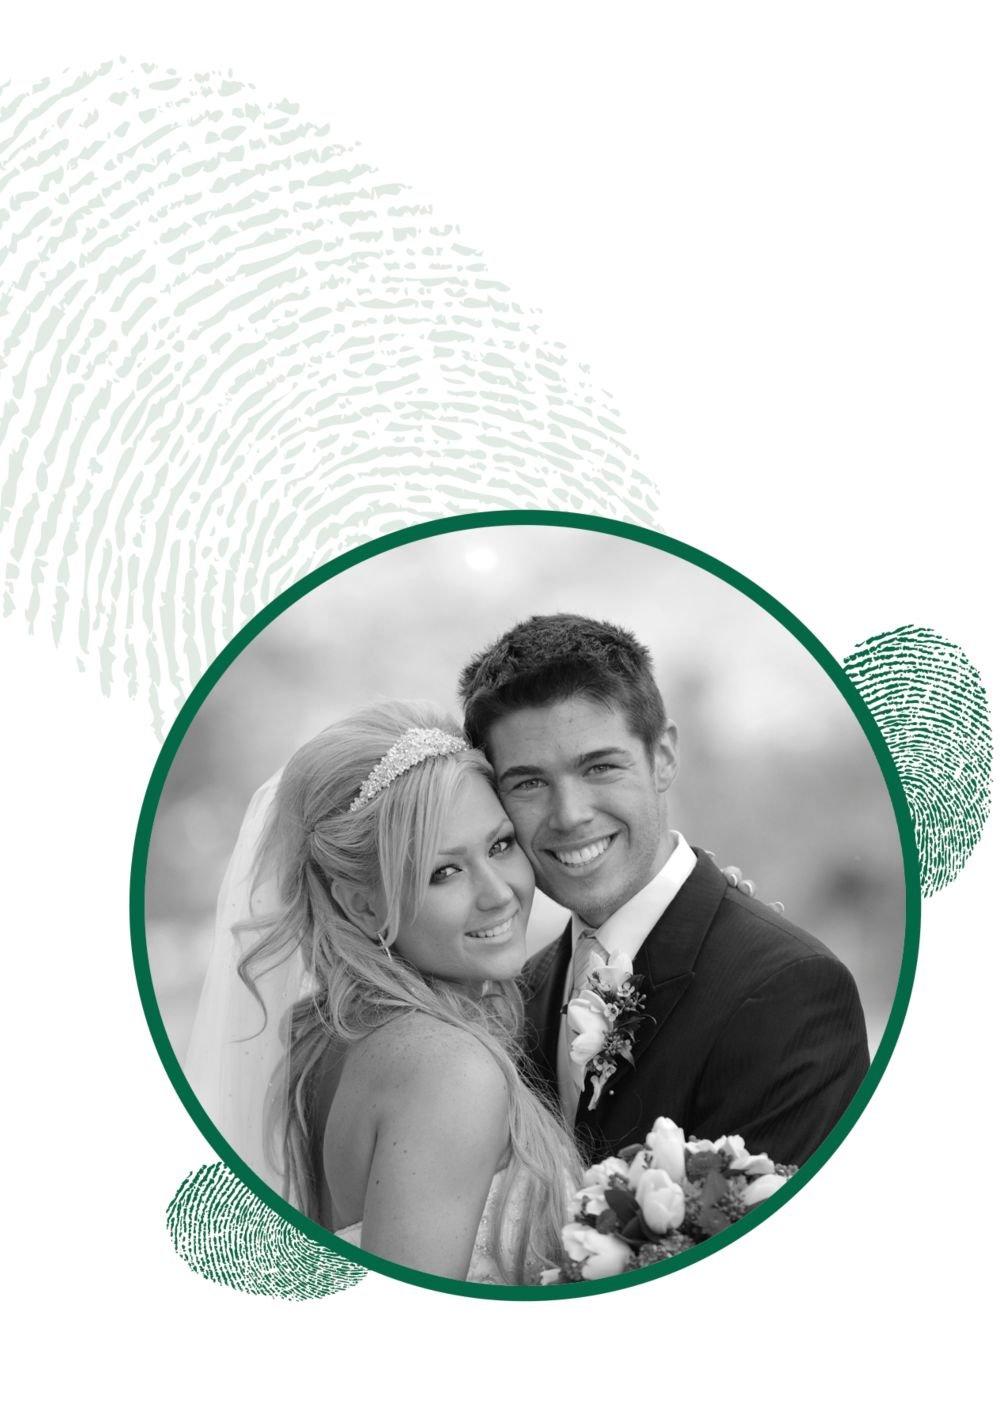 Kartenparadies Danksagung für Hochzeitsgeschenke Hochzeit Dankeskarte fingerprint, fingerprint, fingerprint, hochwertige Danksagungskarte Hochzeitsglückwünsche inklusive Umschläge   20 Karten - (Format  105x148 mm) Farbe  RosaLila B01NCY2HL1 | Online Outlet Sto b47d8b